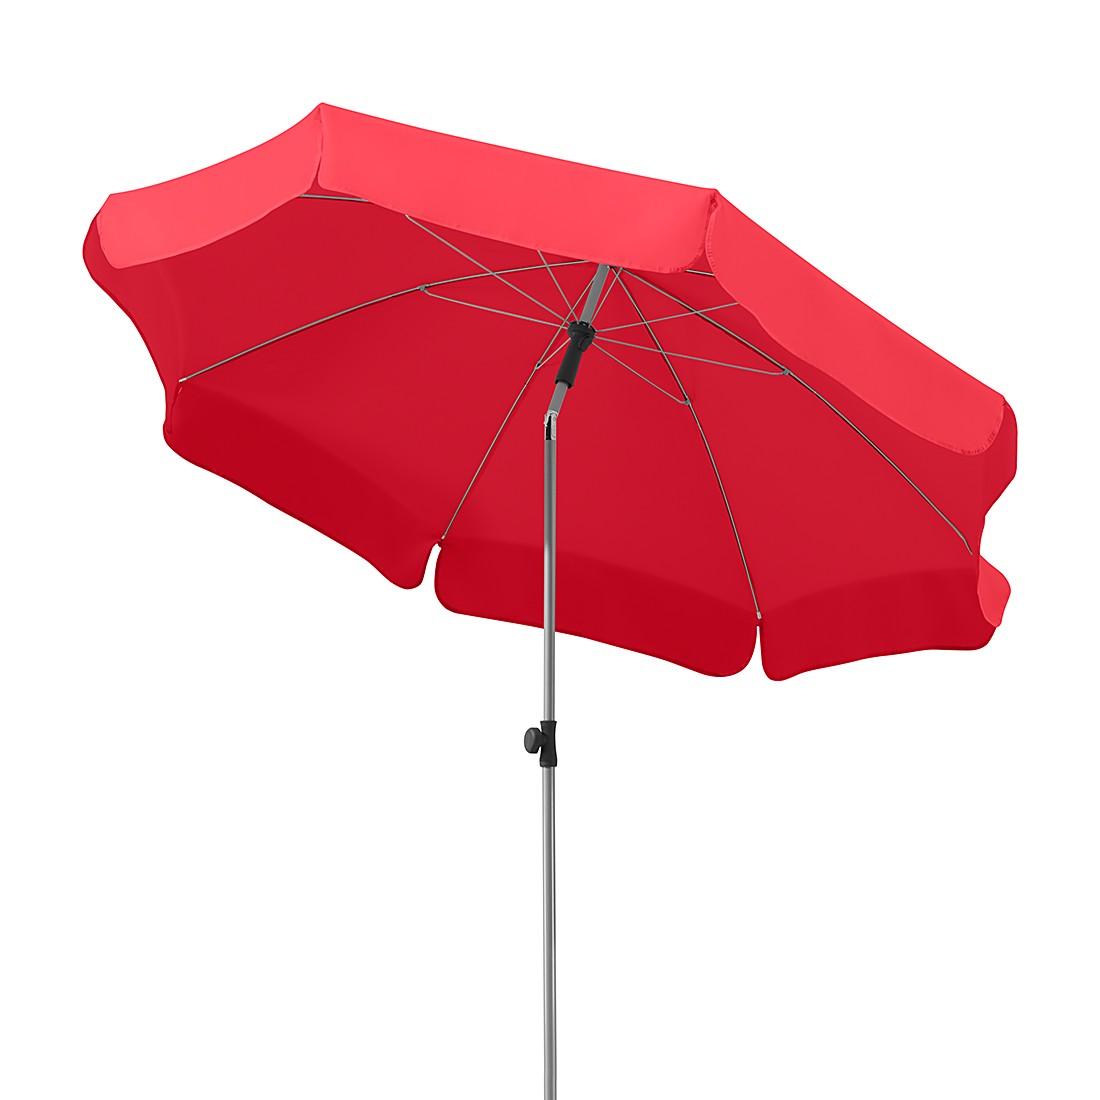 Lugano 200 Sonnenschirm - Stahl/Polyester - Silber/Rot, Schneider Schirme